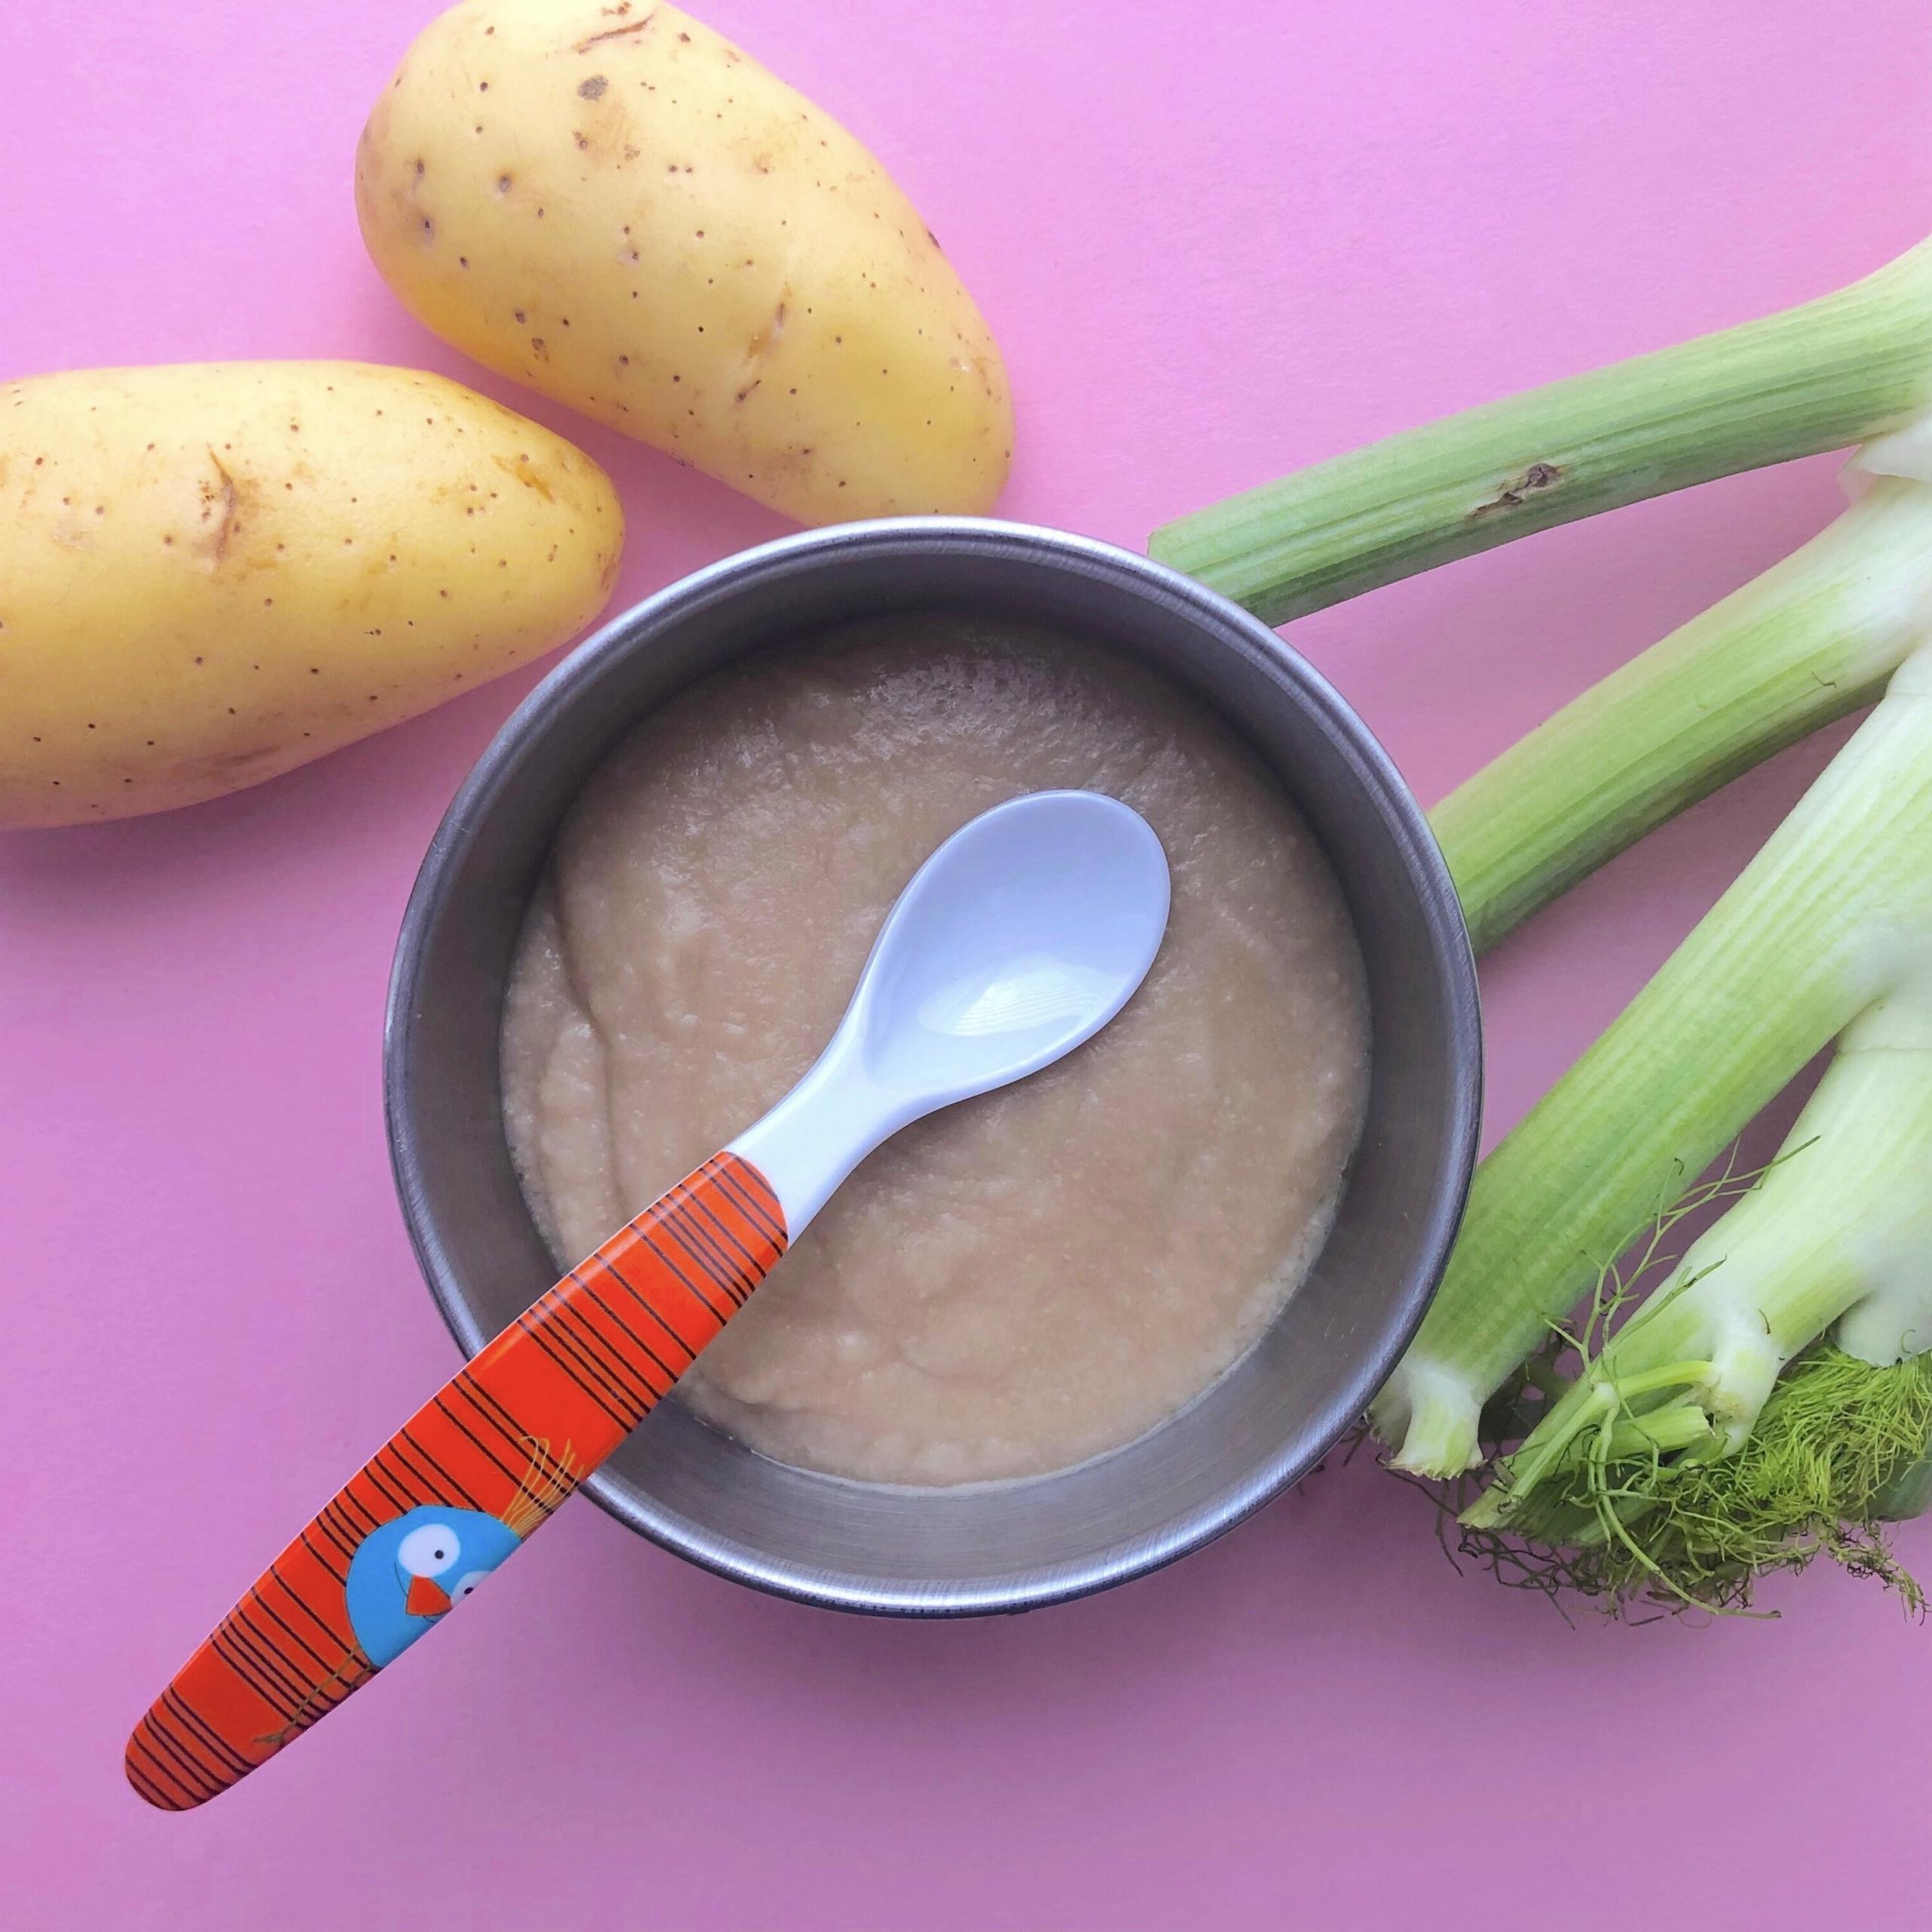 Schale mit Brei und Löffel, daneben Fenchel und Kartoffeln